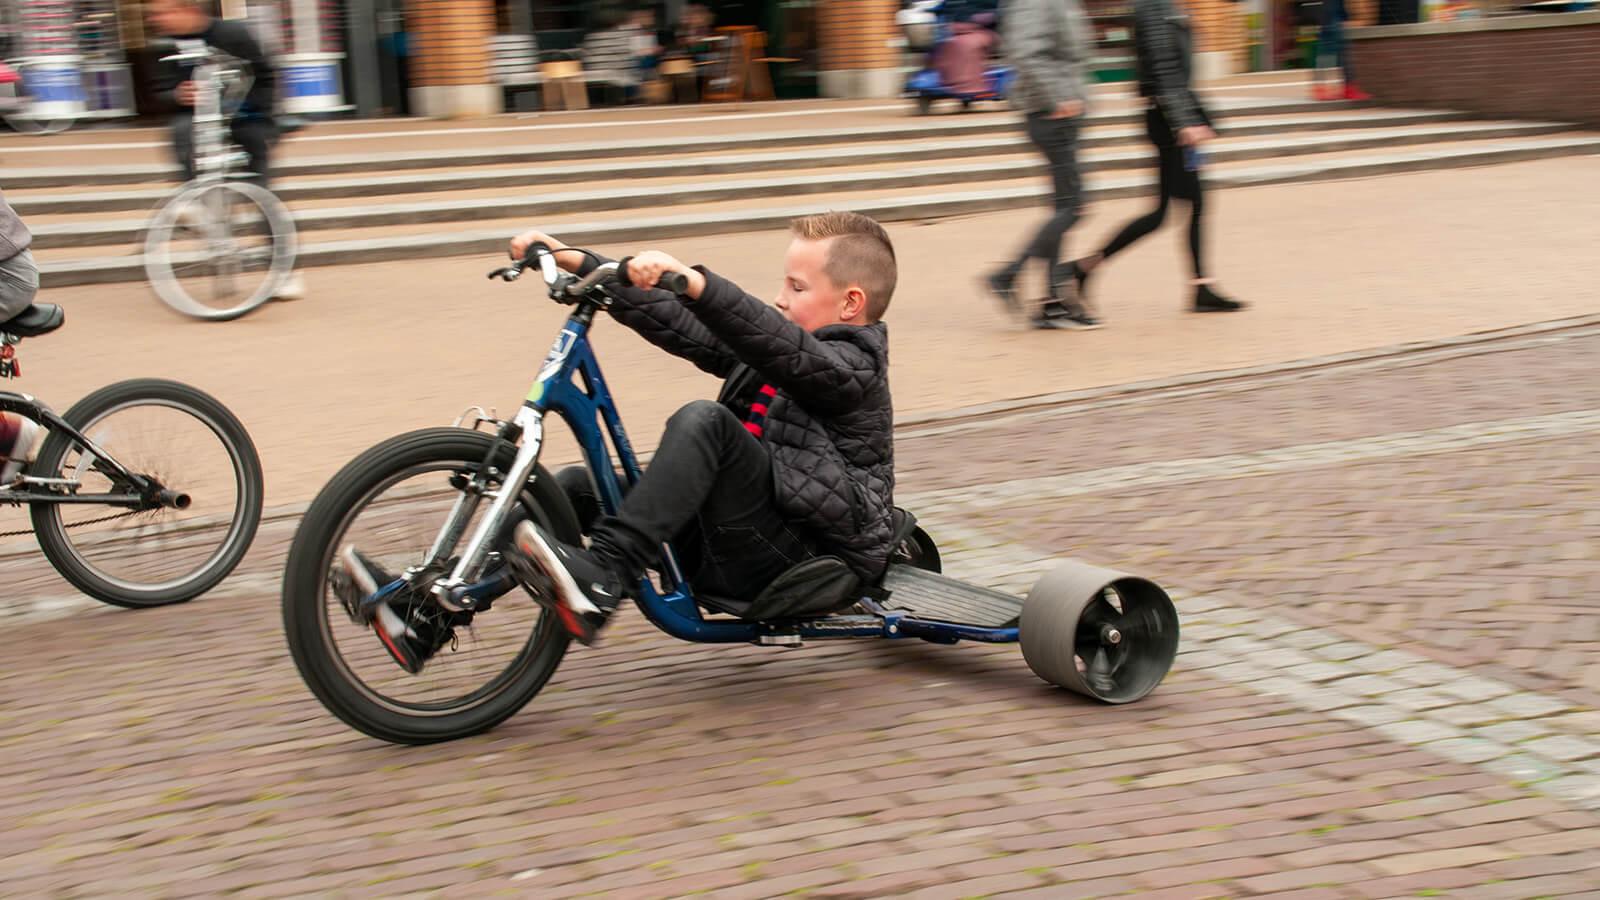 Driftbike-1.jpg